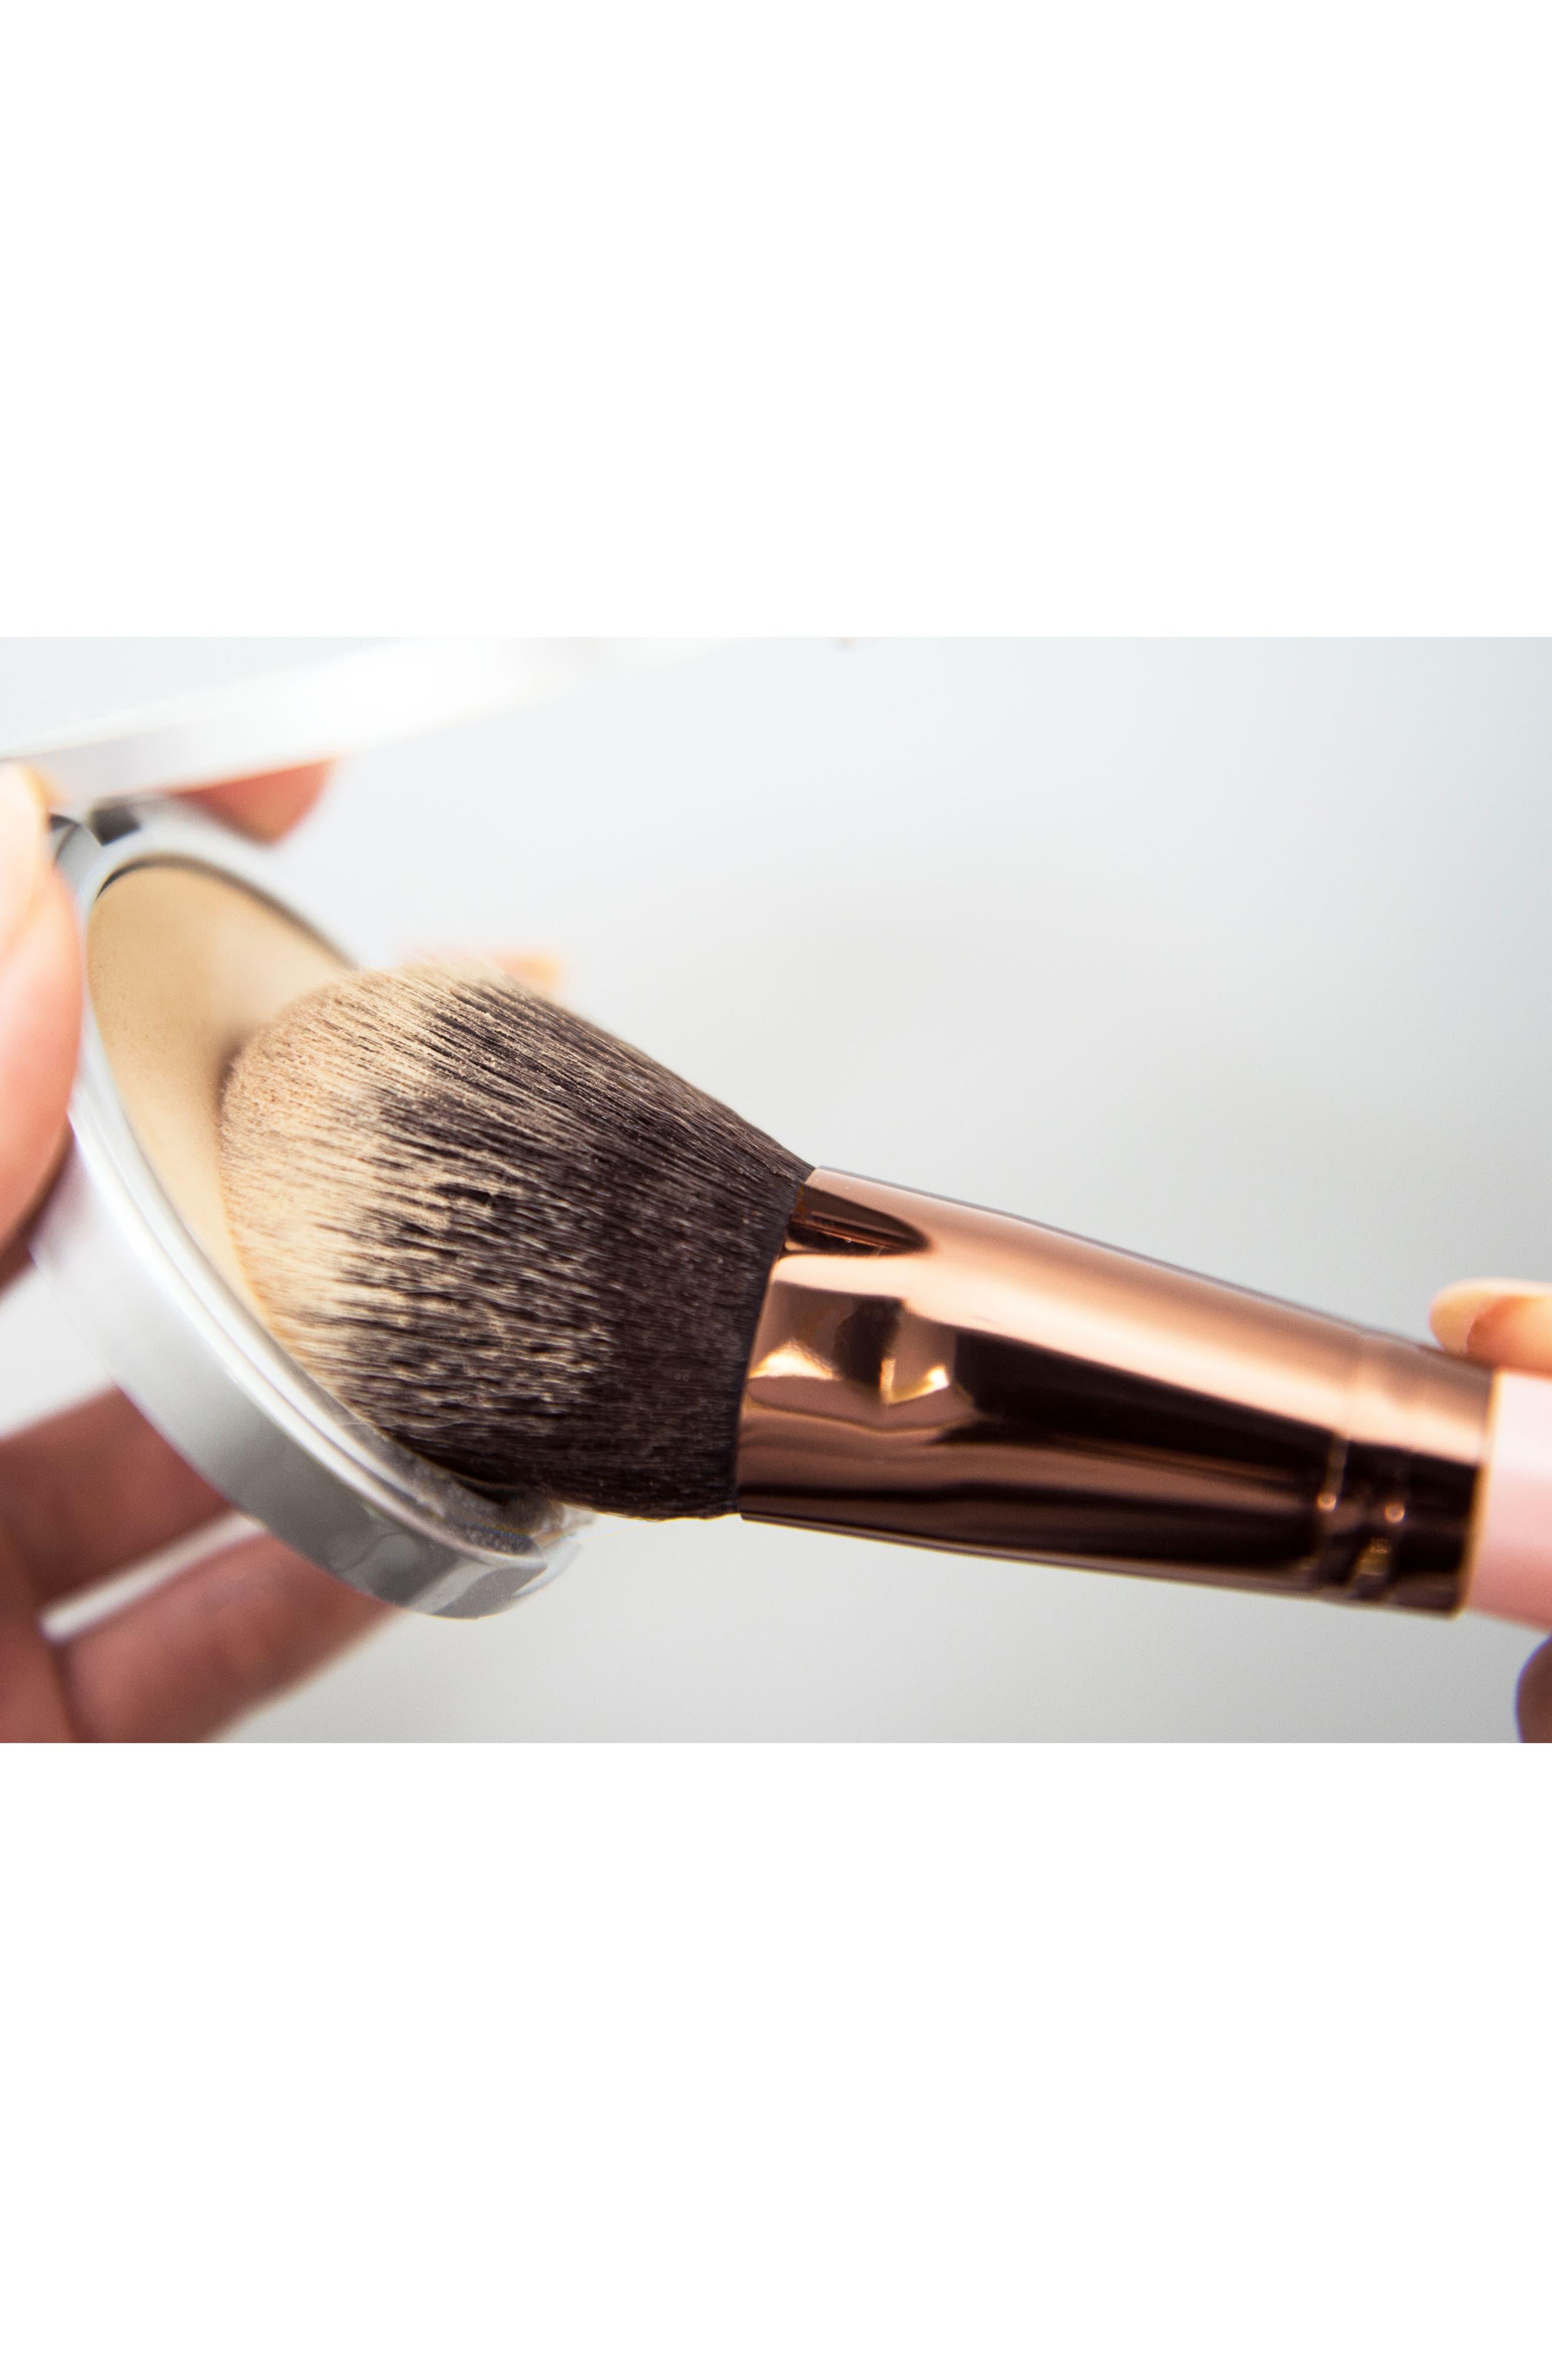 Alternate Image 2  - Luxie 516 Rose Gold Duo Fibre Powder Brush